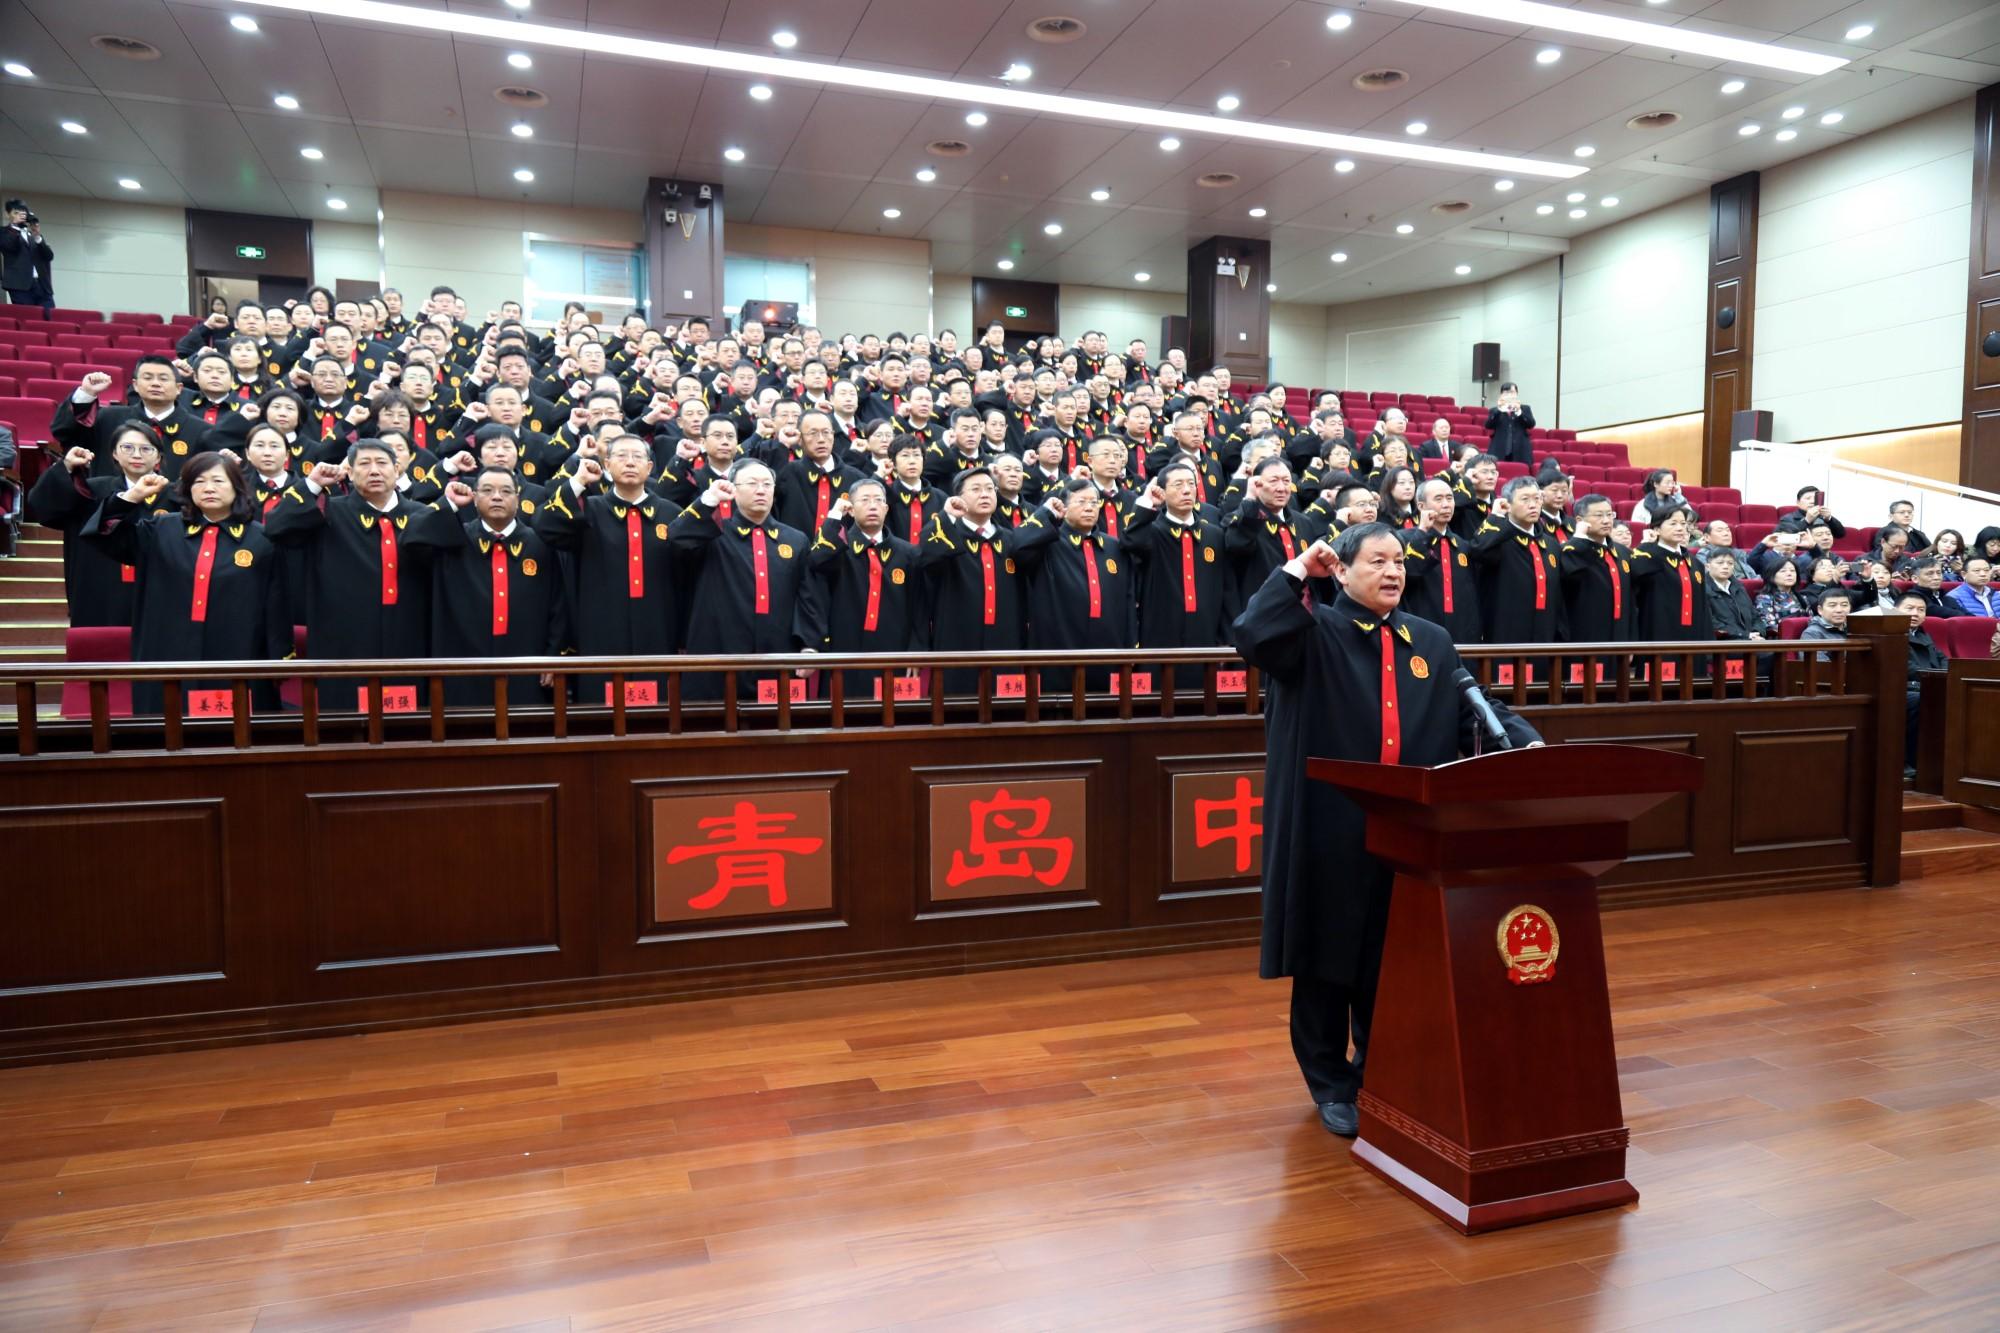 青岛全市700余名员额法官进行宪法宣誓